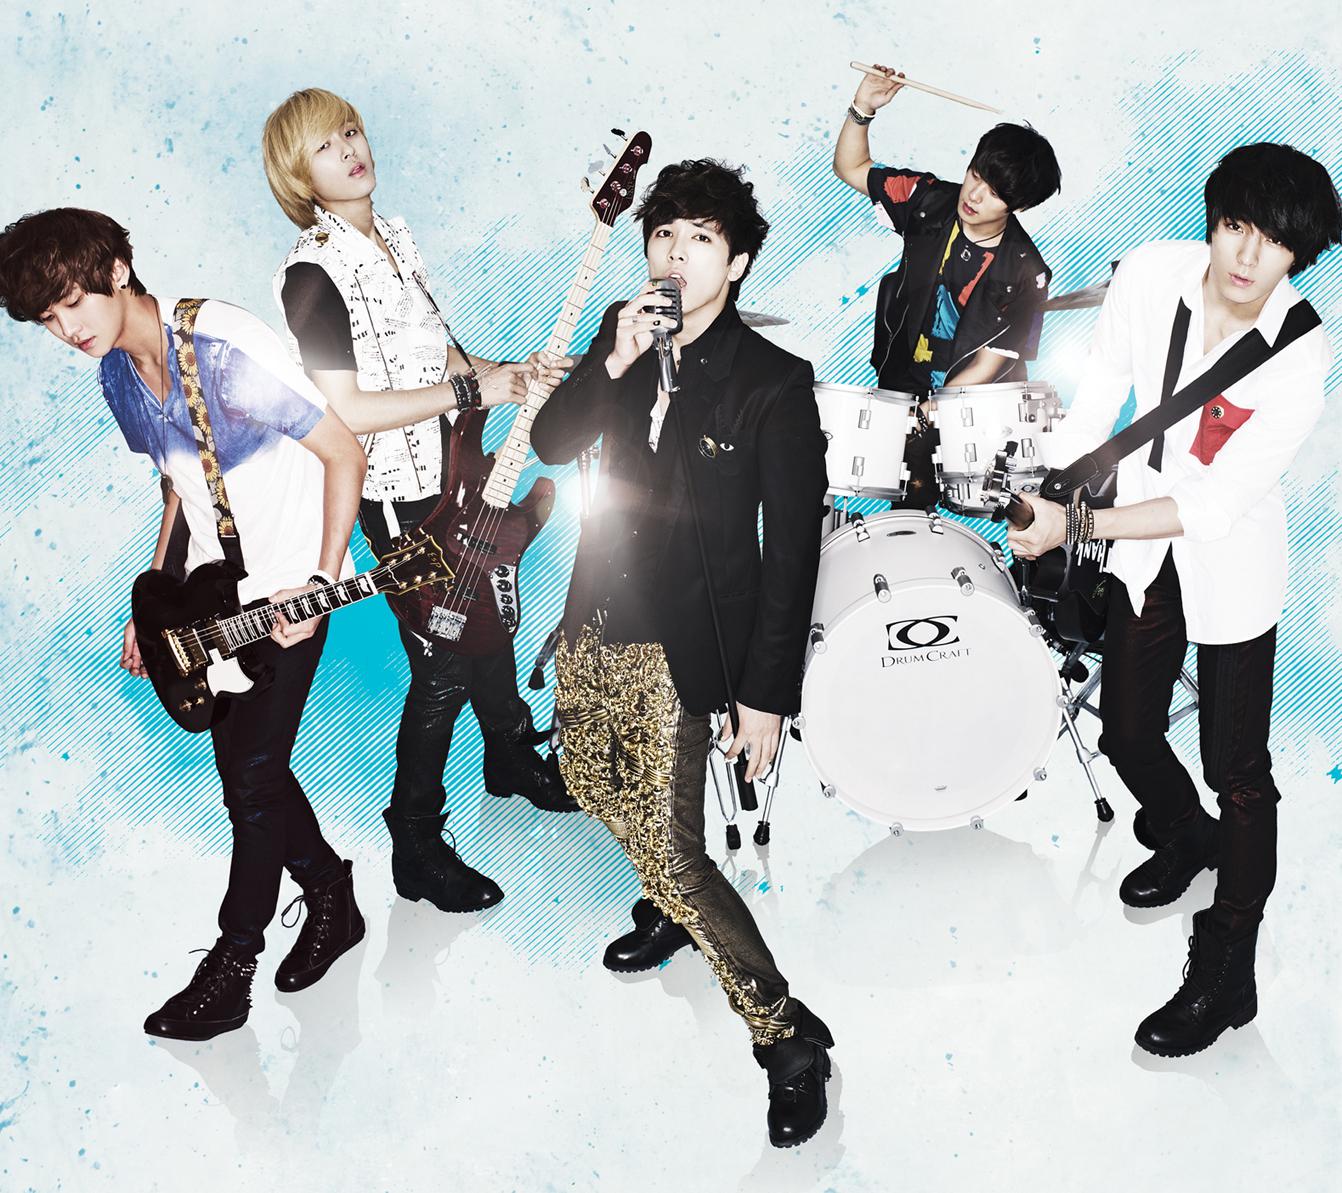 韓國首席美男樂團【FTISLAND】『PLAY! FTISLAND 2012亞洲巡迴演唱會』 5/26(六)在台開唱 3/24(六)全台7-ELEVEN ibon便利生活站門票正式開賣